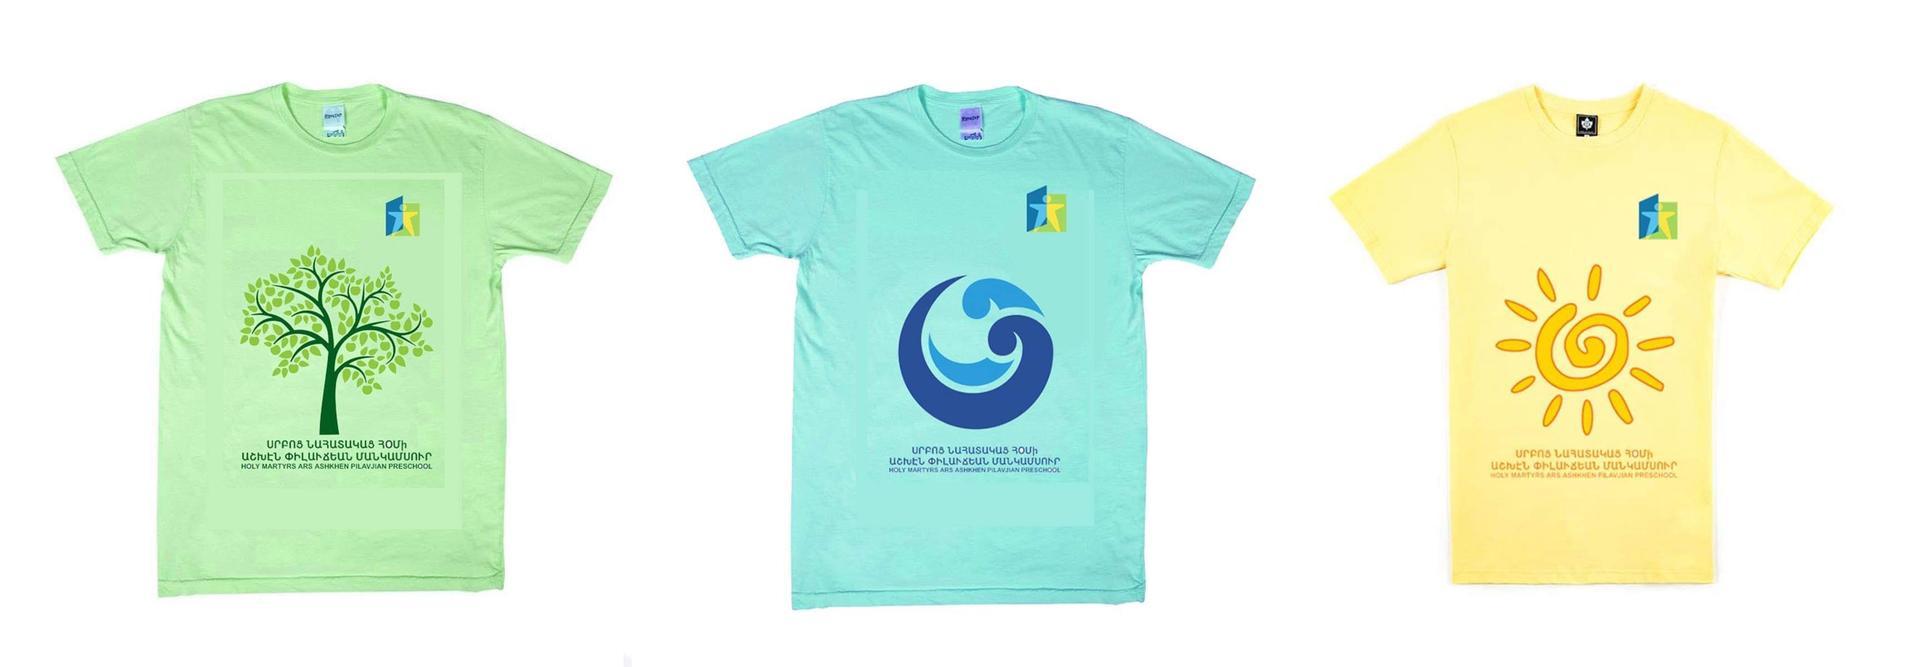 Preschool tshirts